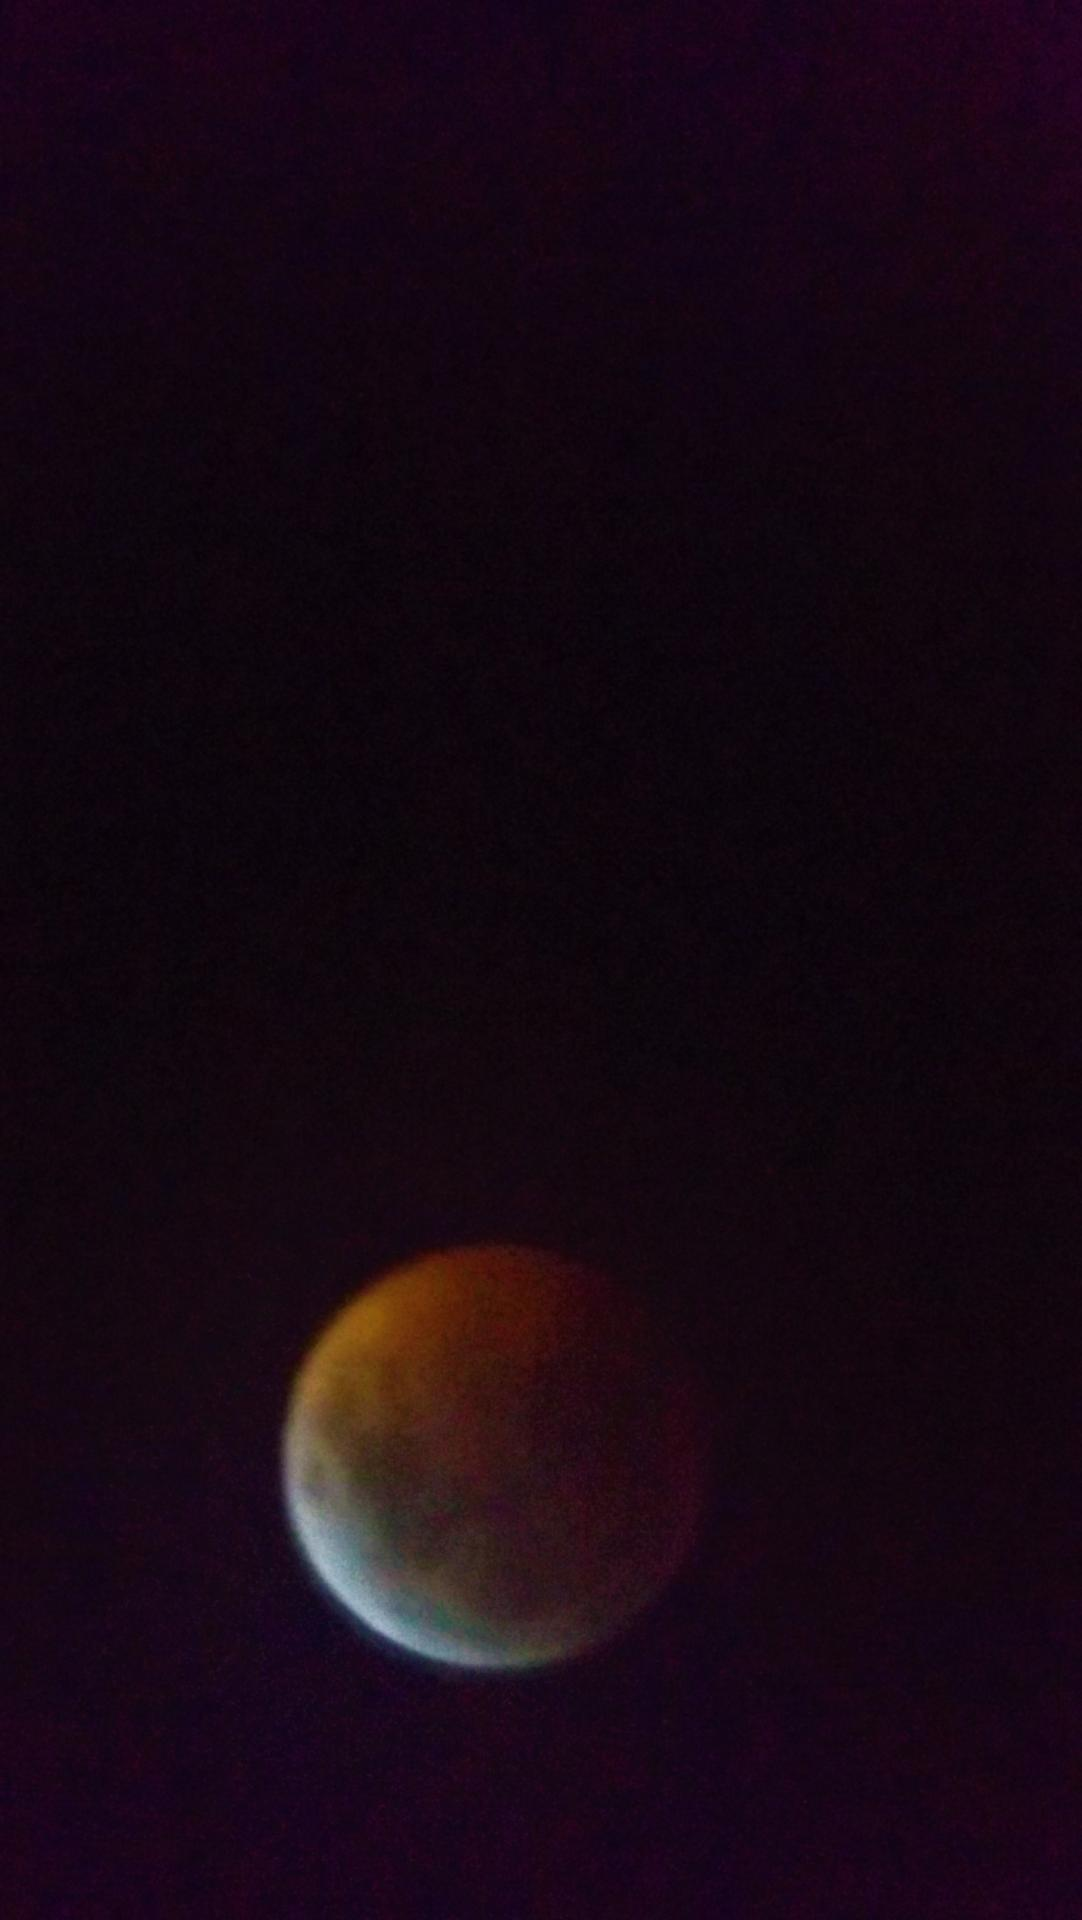 Eclipse lunaire totale | Lune de sang | 21 janvier 2019